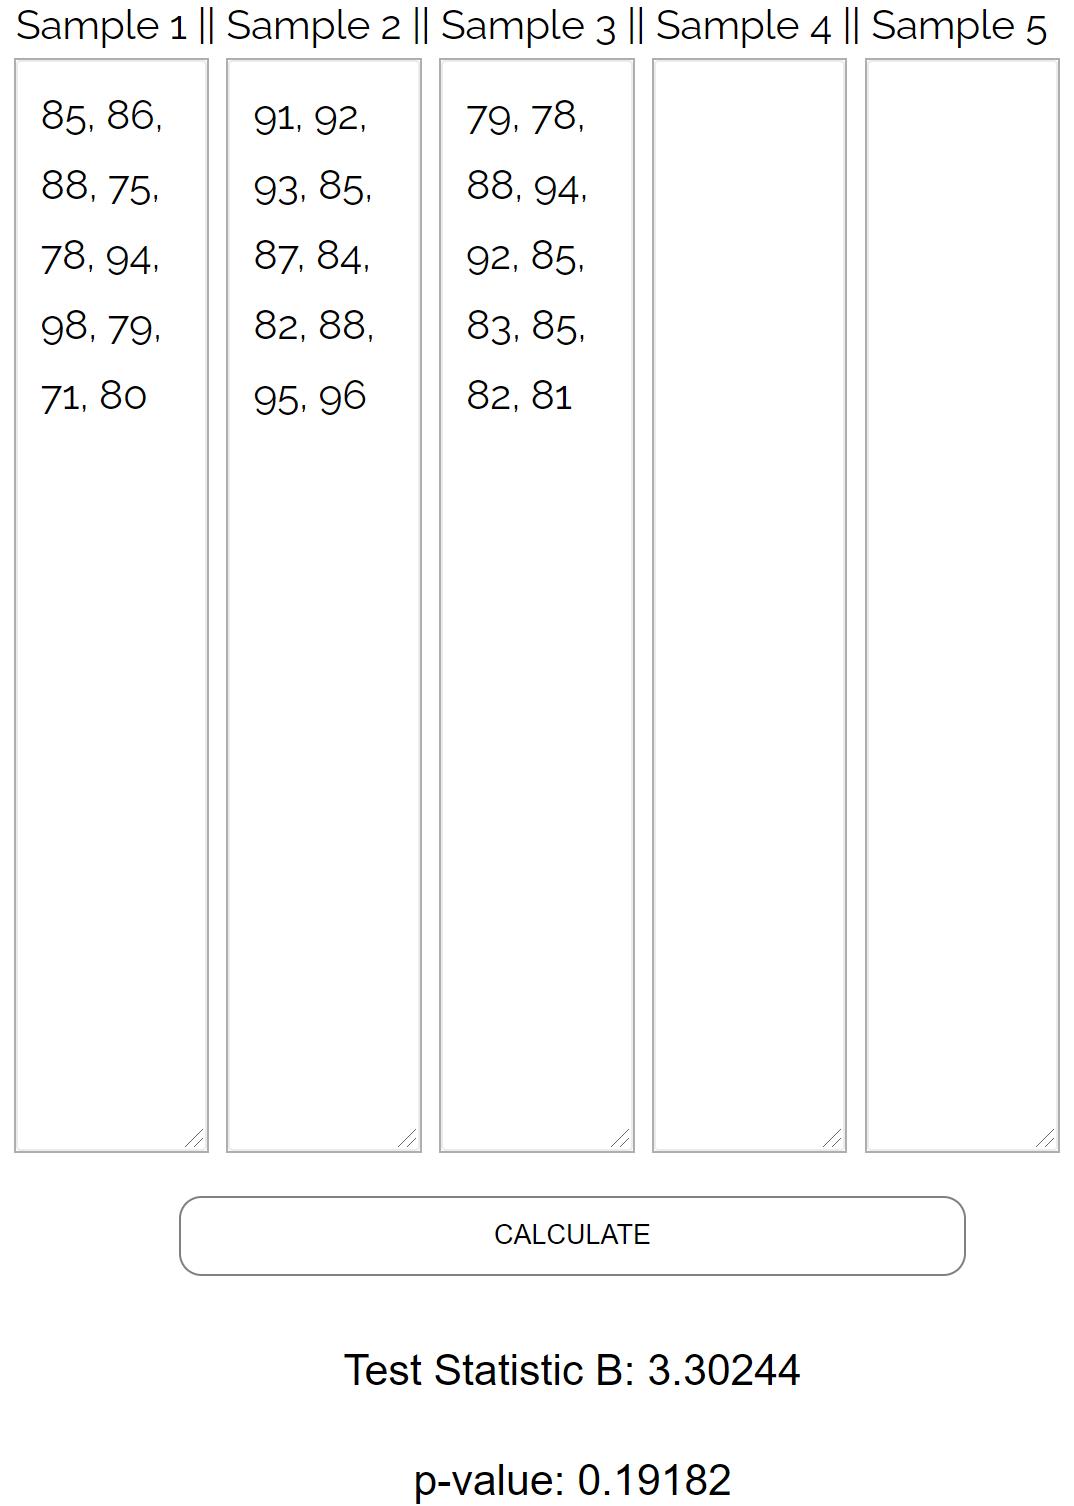 Bartlett's Test for equal variances